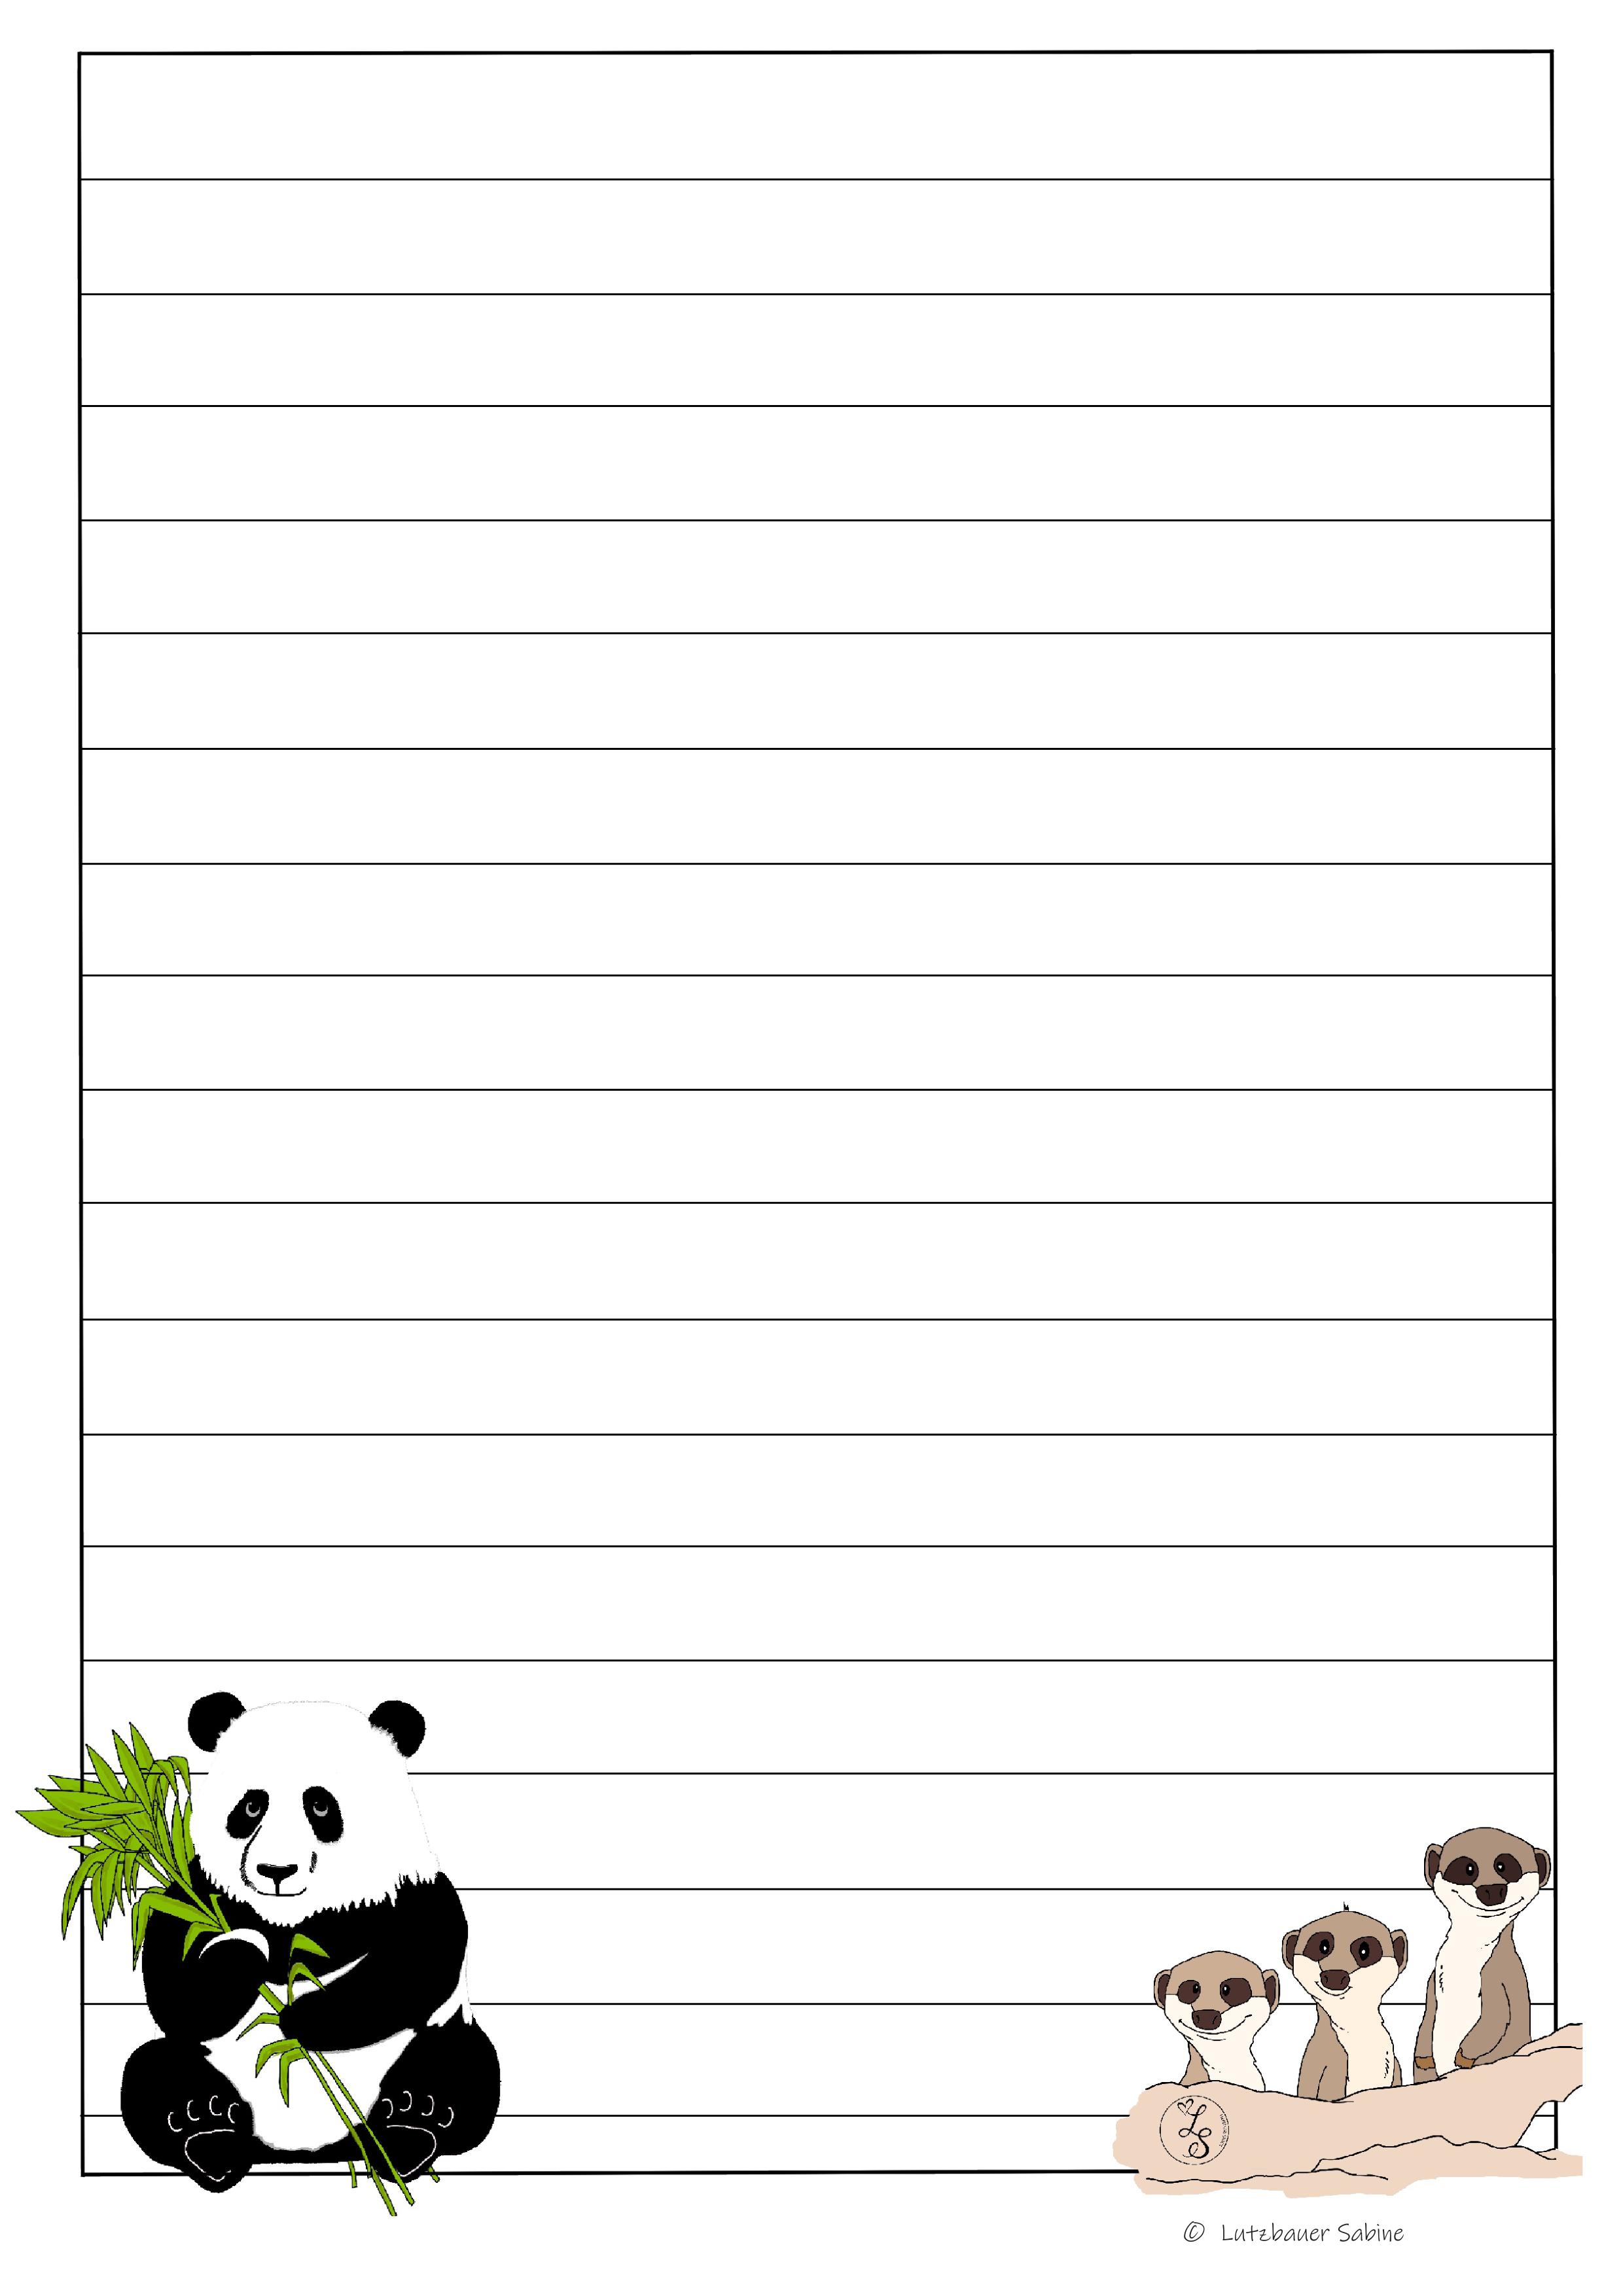 Briefpapier Pandabar Erdmannchen Lieblings Stuck Unterrichtsmaterial In Den Fachern Deutsch Englisch Fachubergreifendes Franzosisch Briefpapier Drucken Briefpapier Kostenlose Grafiken